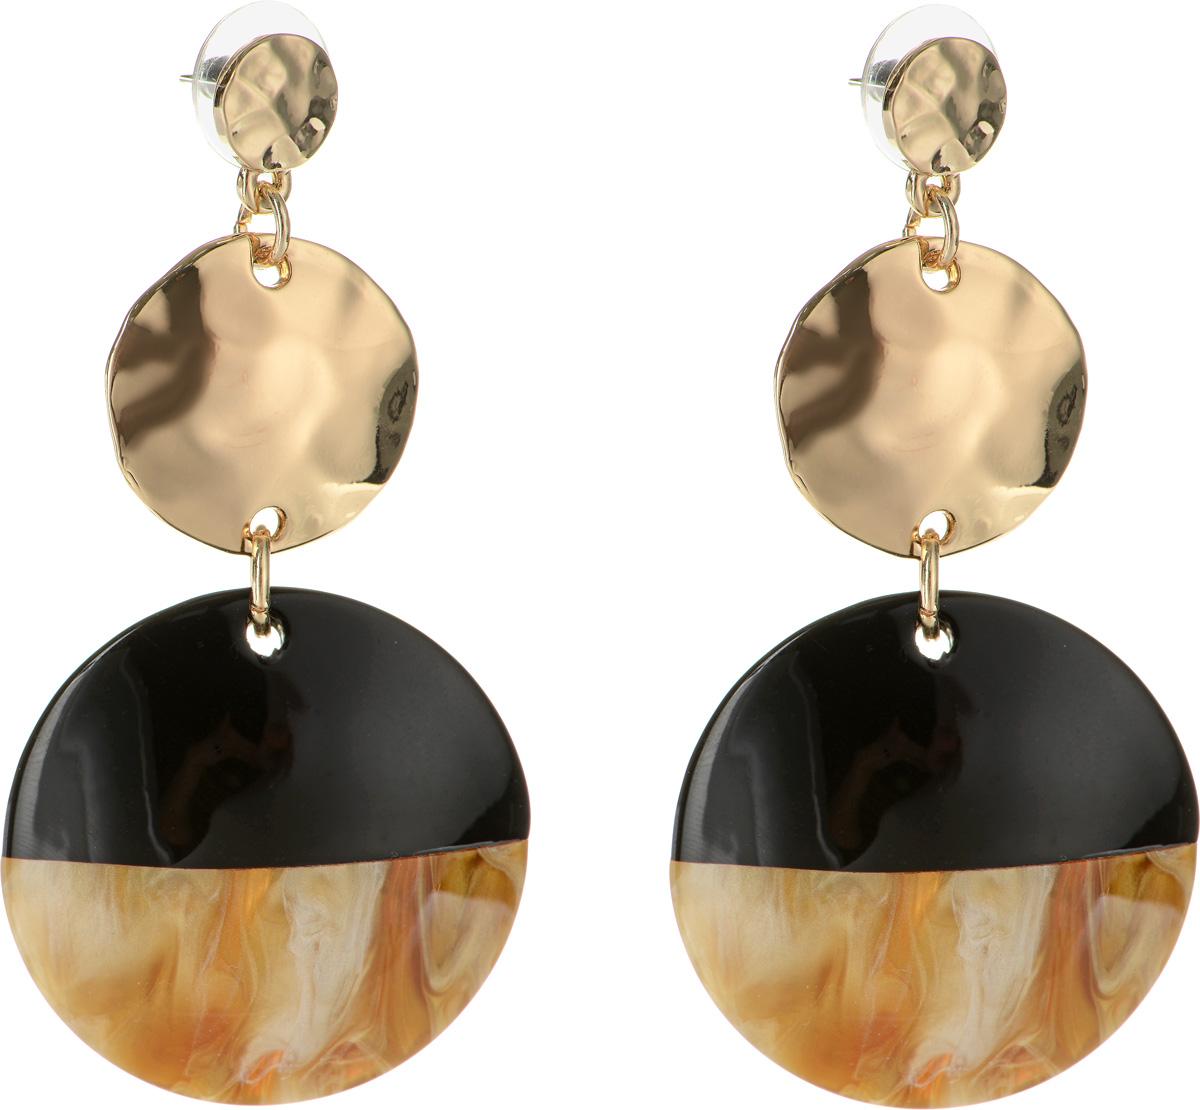 Серьги Selena Accenta, цвет: золотистый, коричневый, черный. 20091210Серьги с подвескамиСерьги Selena Accenta изготовлены из латуни с гальваническим покрытием золотом и ацетата. Изделие оснащено удобным замком-гвоздиком. Итальянский ацетат - это дорогой высококачественный полимер, широко применяемый в модной индустрии. Он обладает удивительной особенностью имитировать самые разные природные рисунки и фактуры. Коллекция Accenta - это гимн современности! Модели выполнены в стиле элегантный кэжуал и глэм-рок, они органично впишутся в образ и молодых девушек, и взрослых женщин, чьи взгляды на моду свежи и открыты новому. Все украшения Accenta комплектуются между собой и создают гармоничный ансамбль. Украшения можно носить в любое время года, они уместны на празднике, на прогулке и на работе.